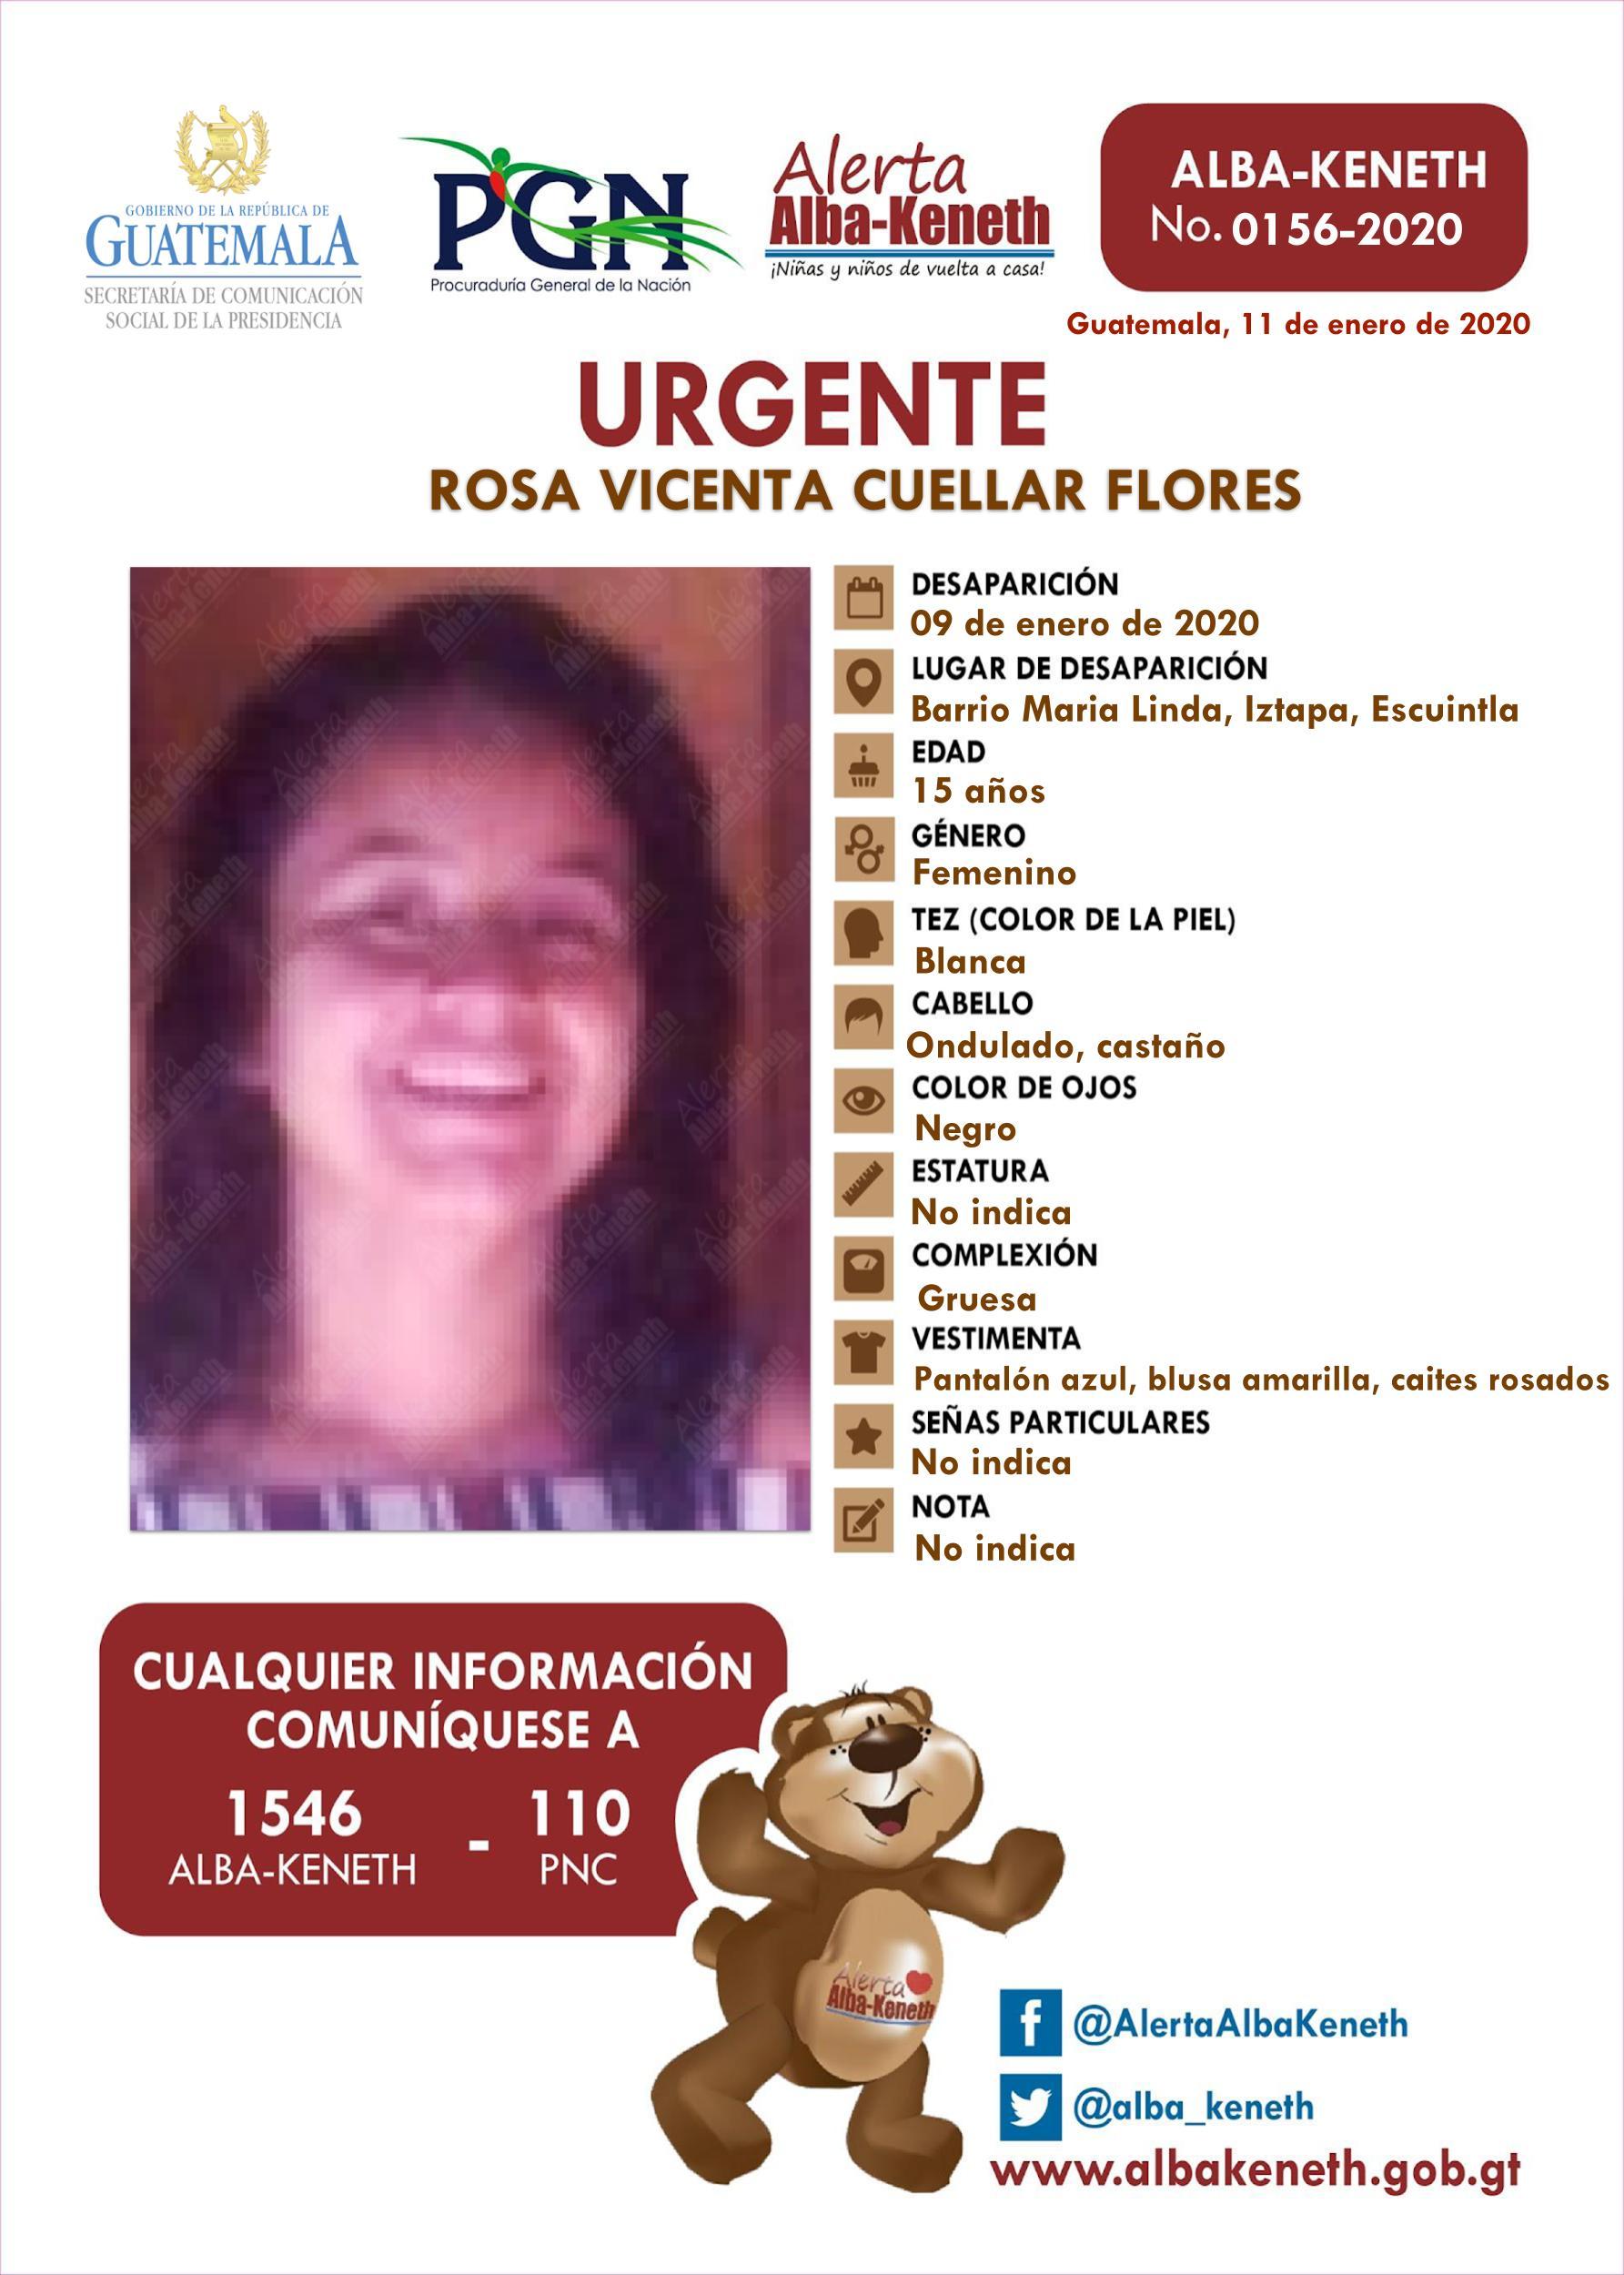 Rosa Vicenta Cuellar Flores